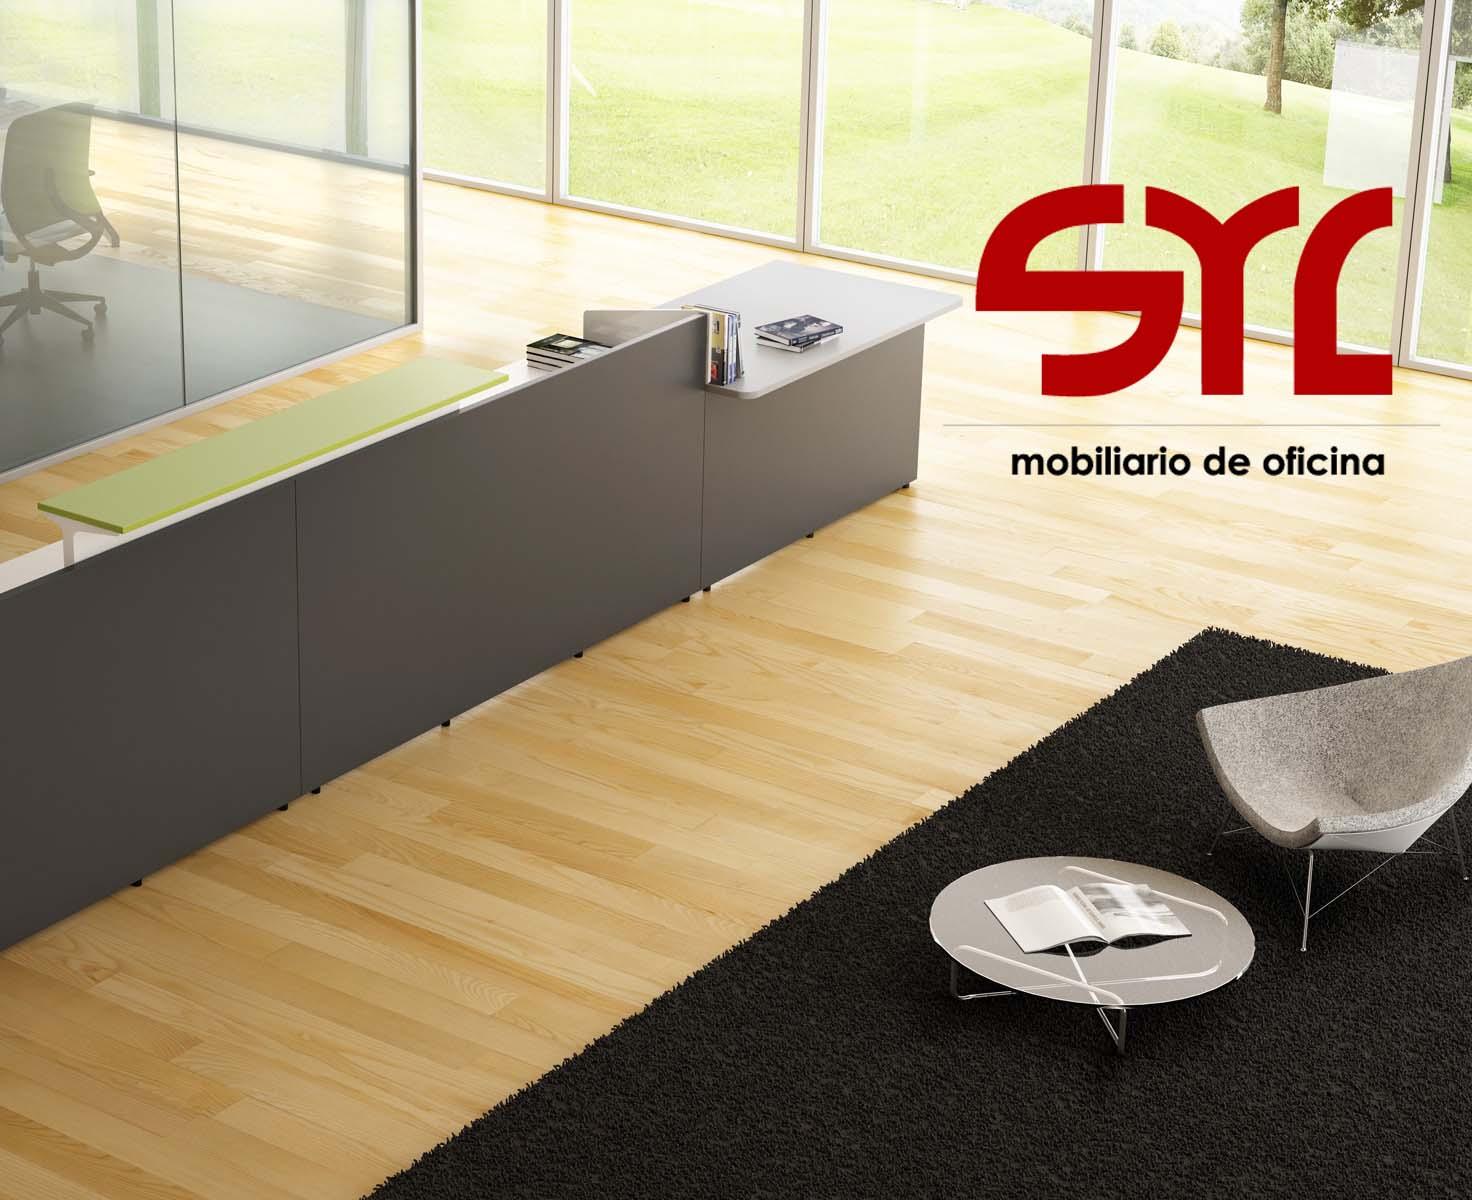 Mostradores Para Oficina A La Venta En Asturias Muebles Syl # Muebles Gijon Asturias